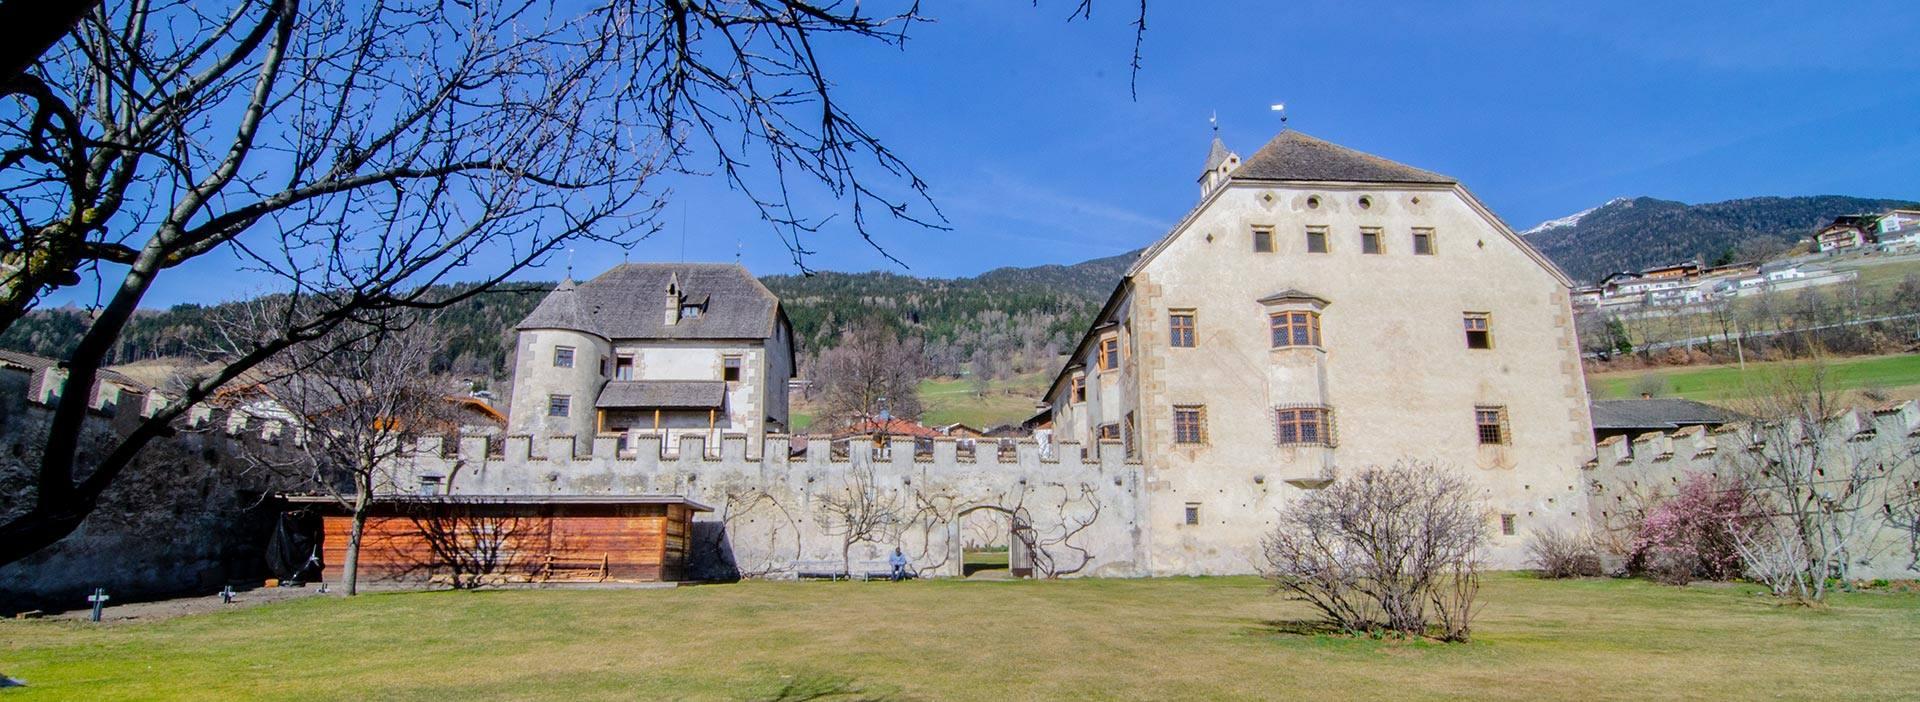 Castel Velturno